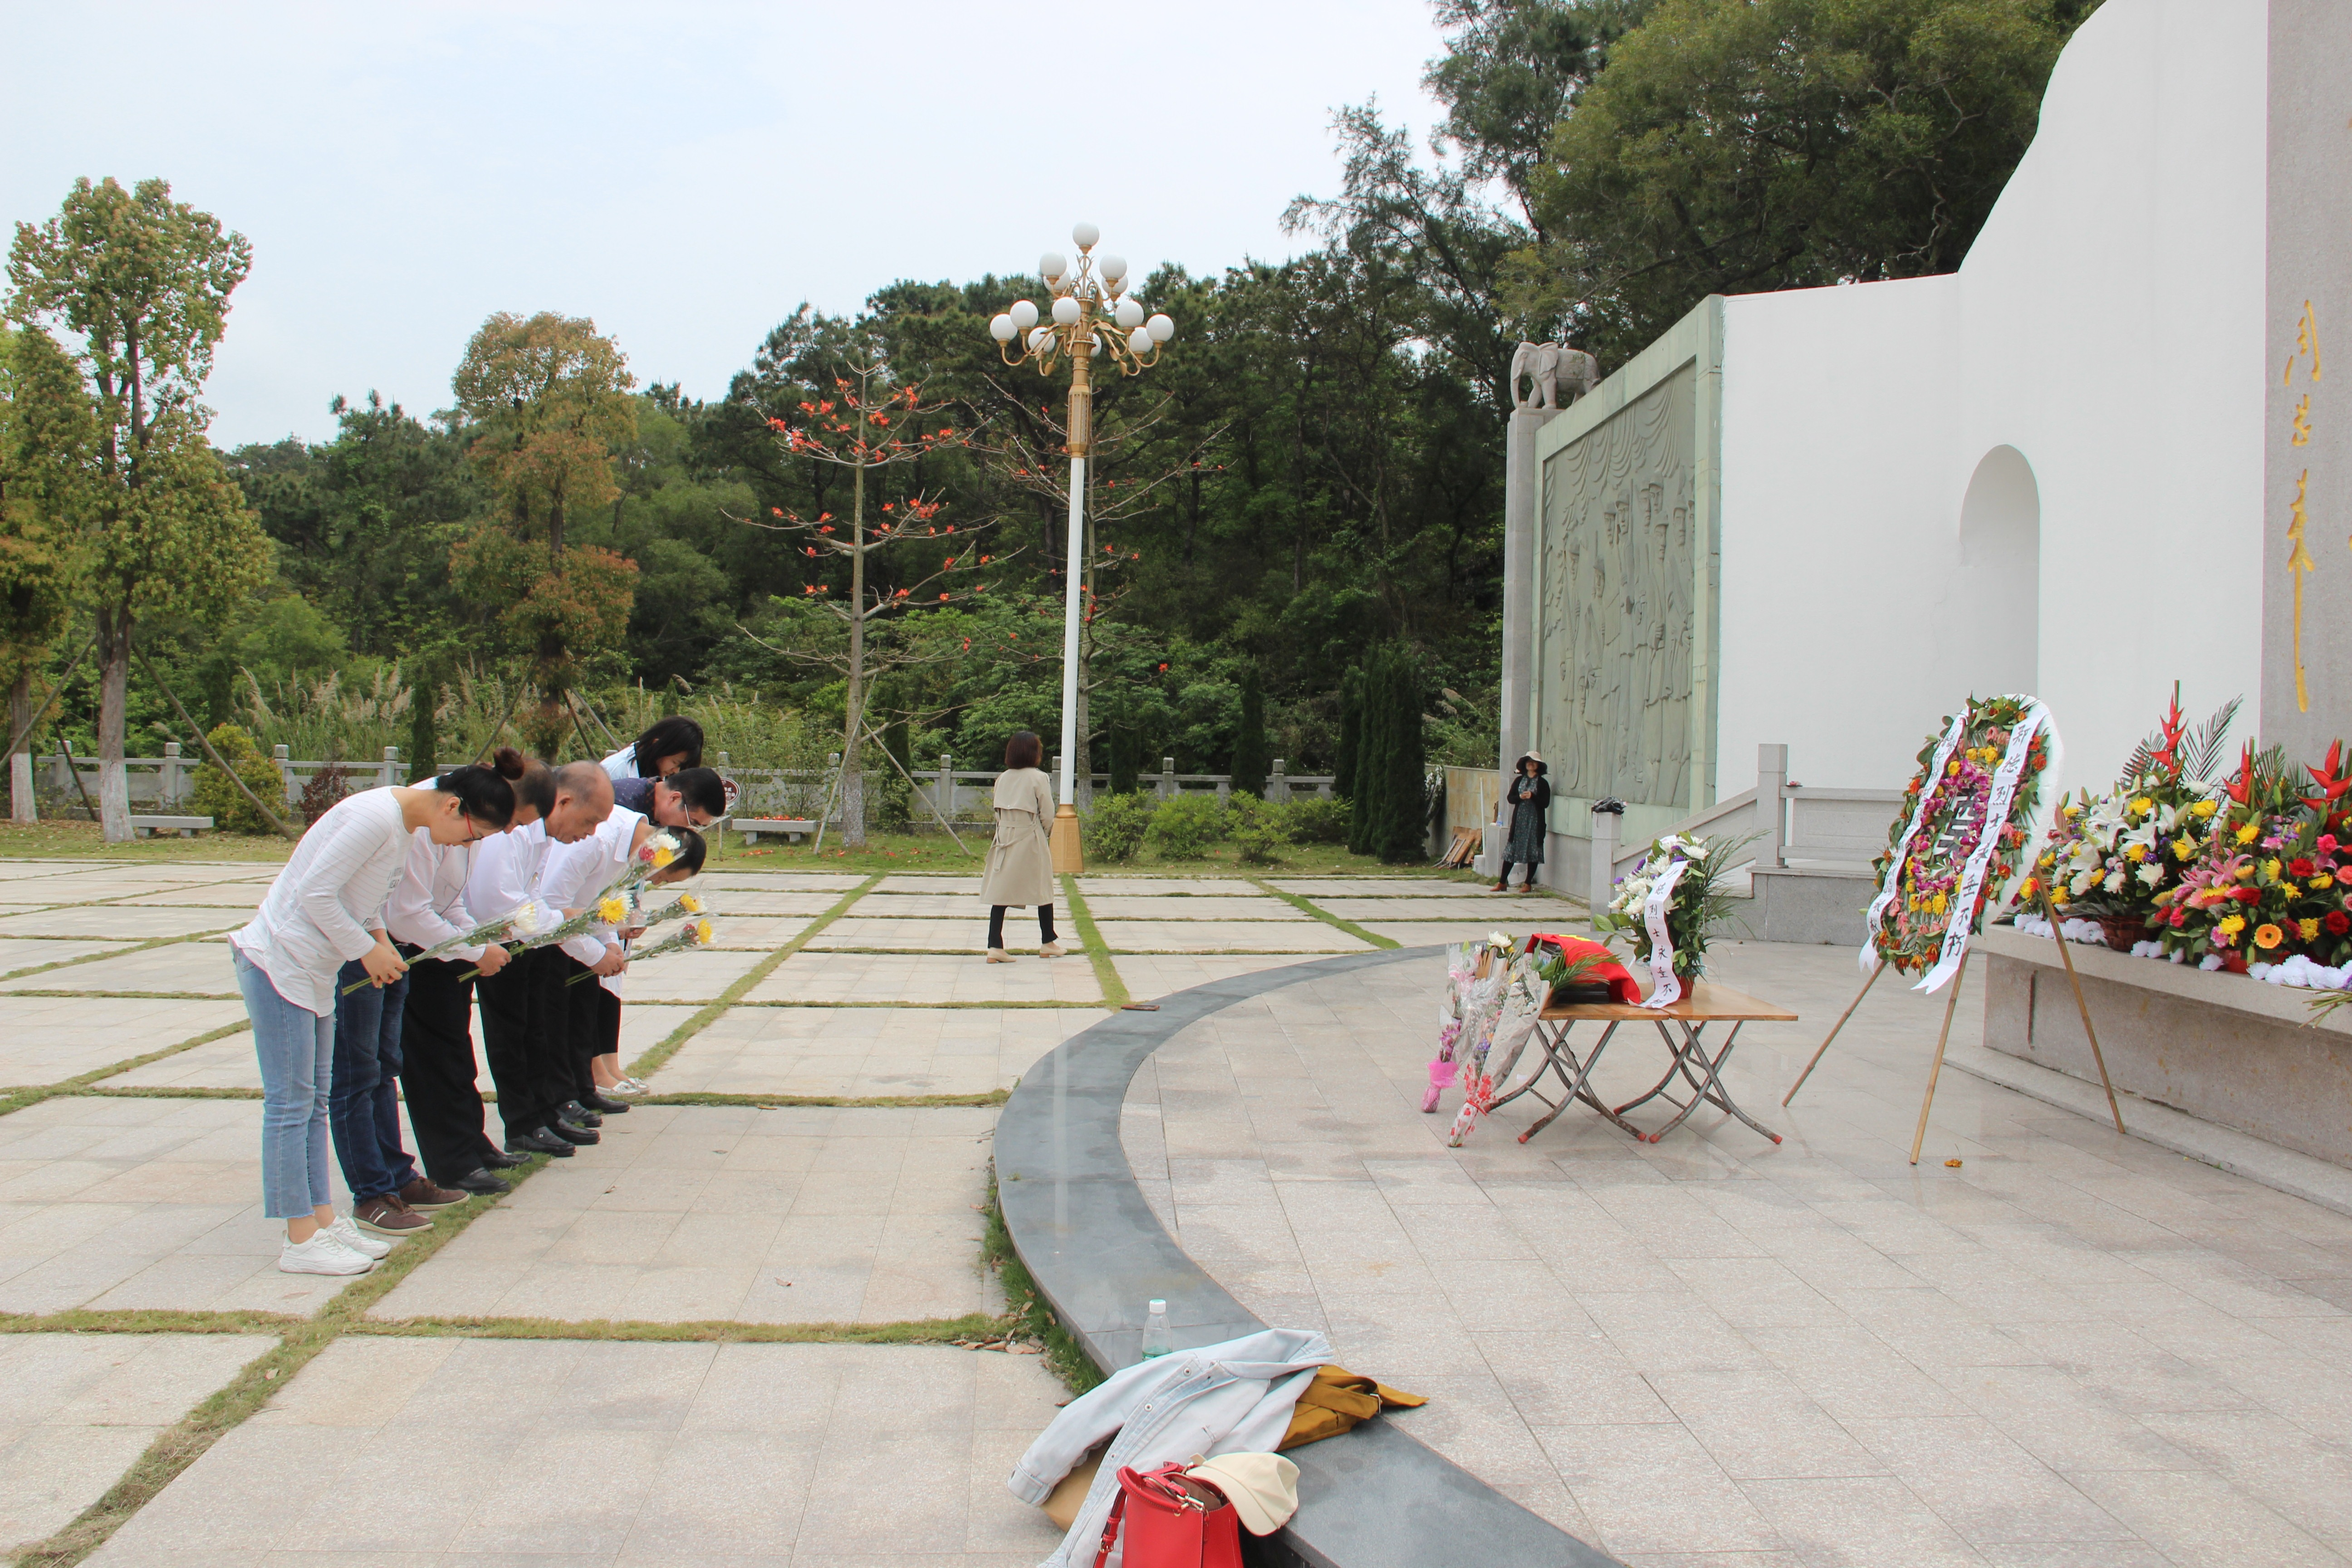 普宁市红色文化研究中心干部职工往汕头市烈士陵园祭奠郑德烈士